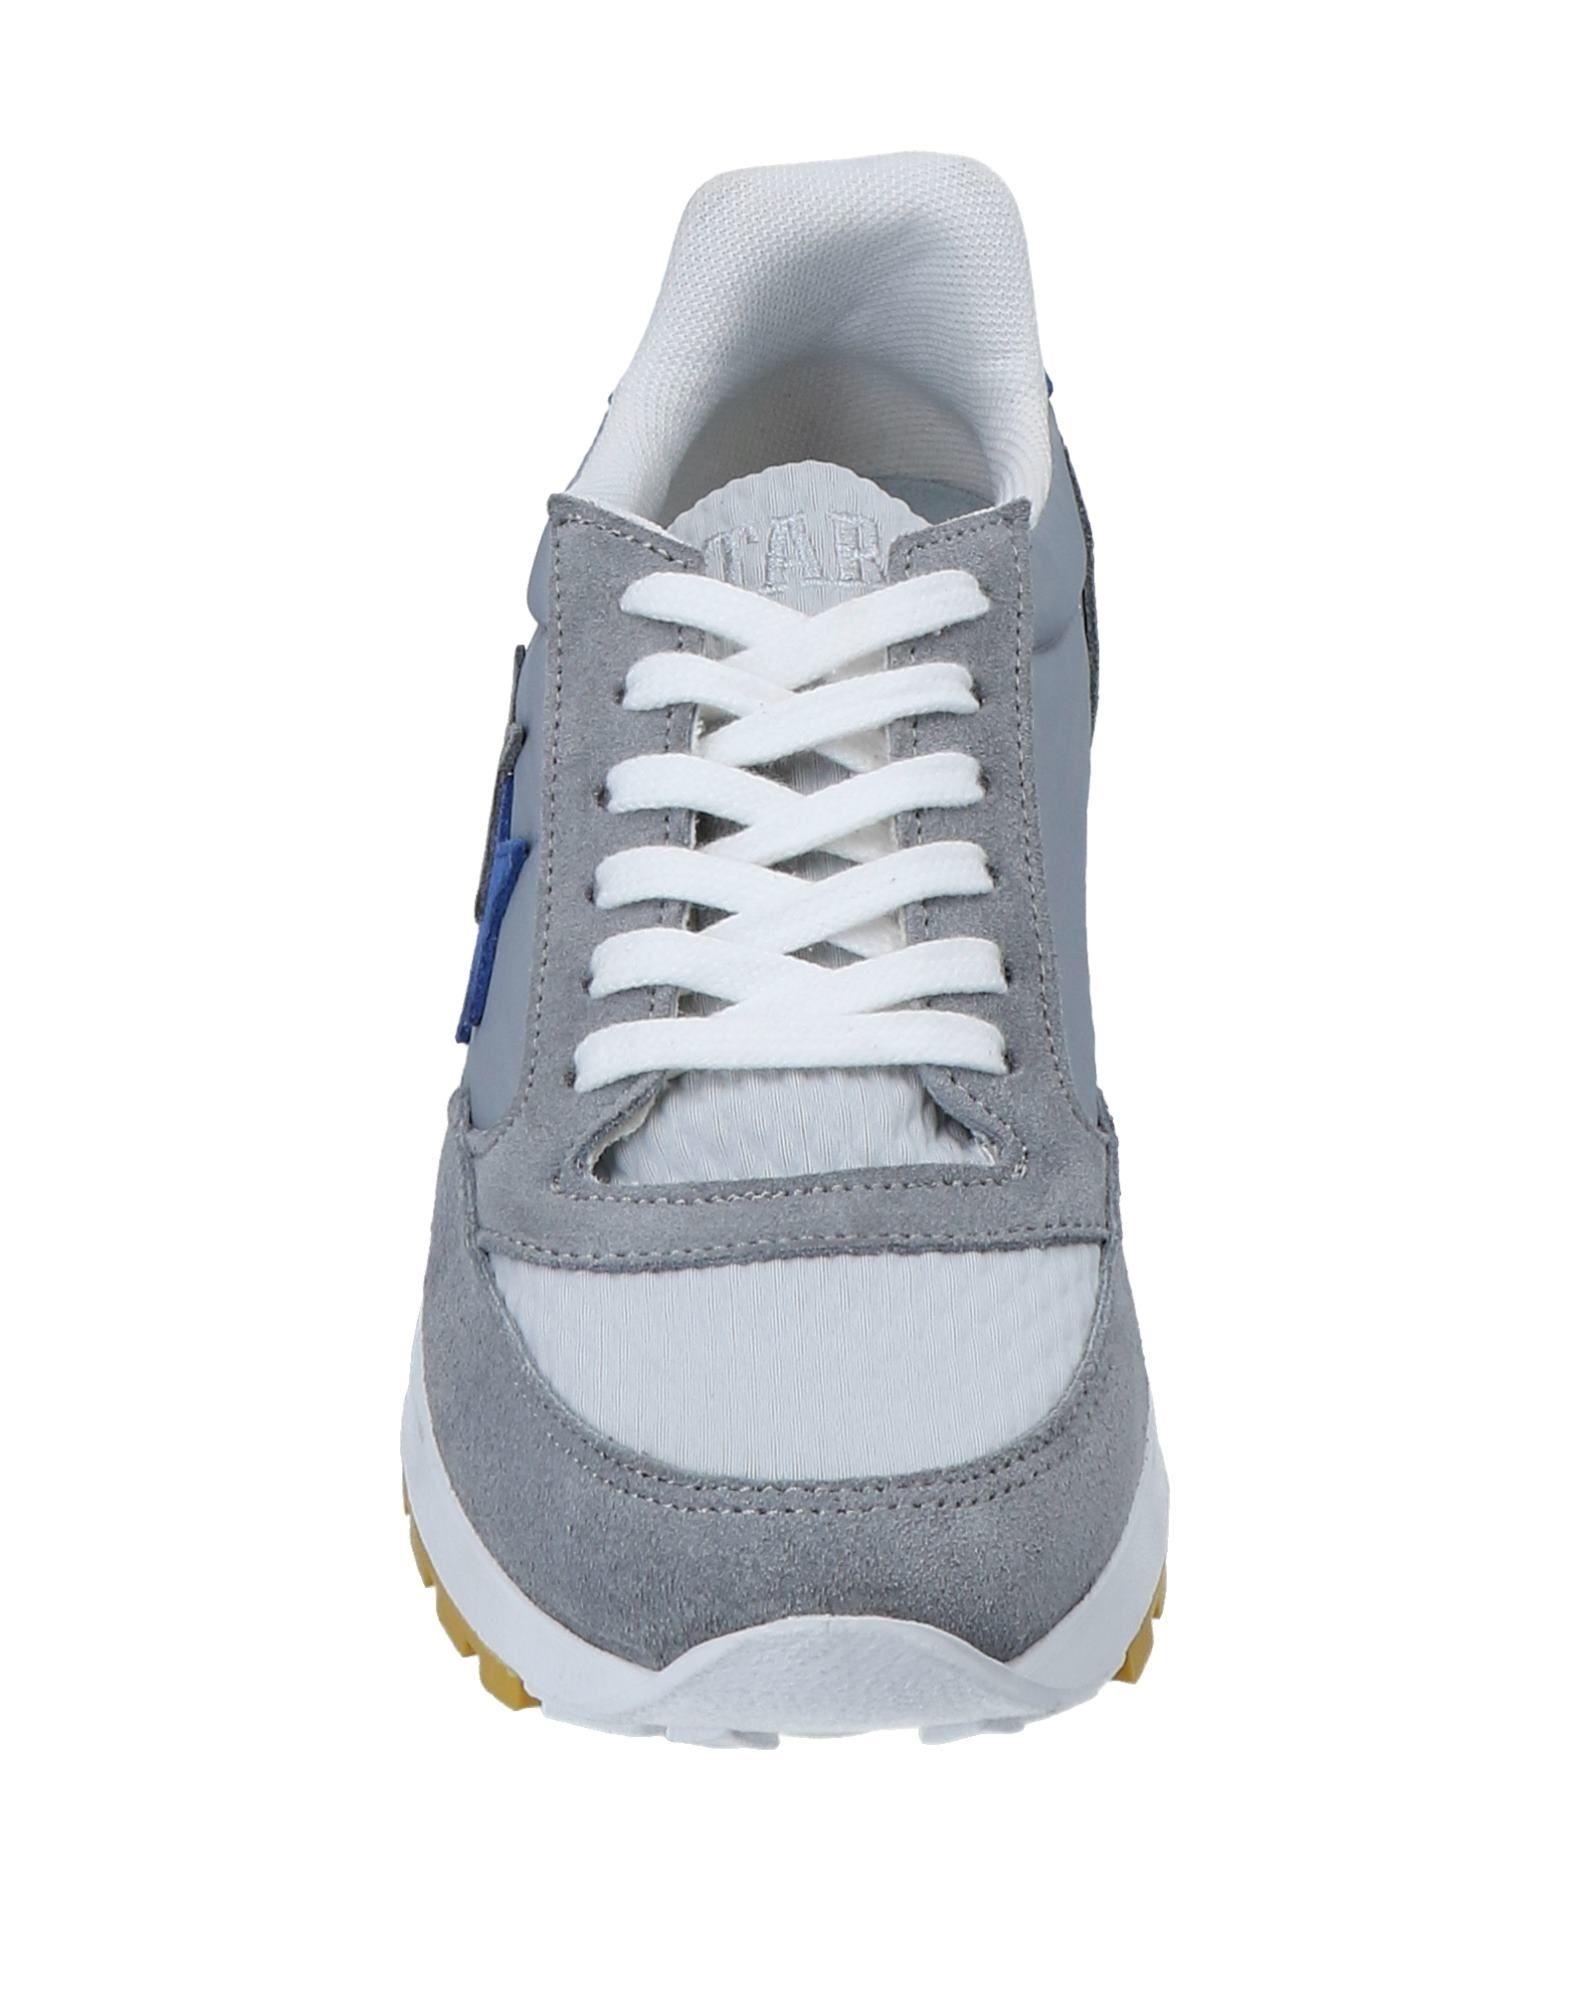 2Star Sneakers Sneakers 2Star Damen  11552150DQ  1d0c7c